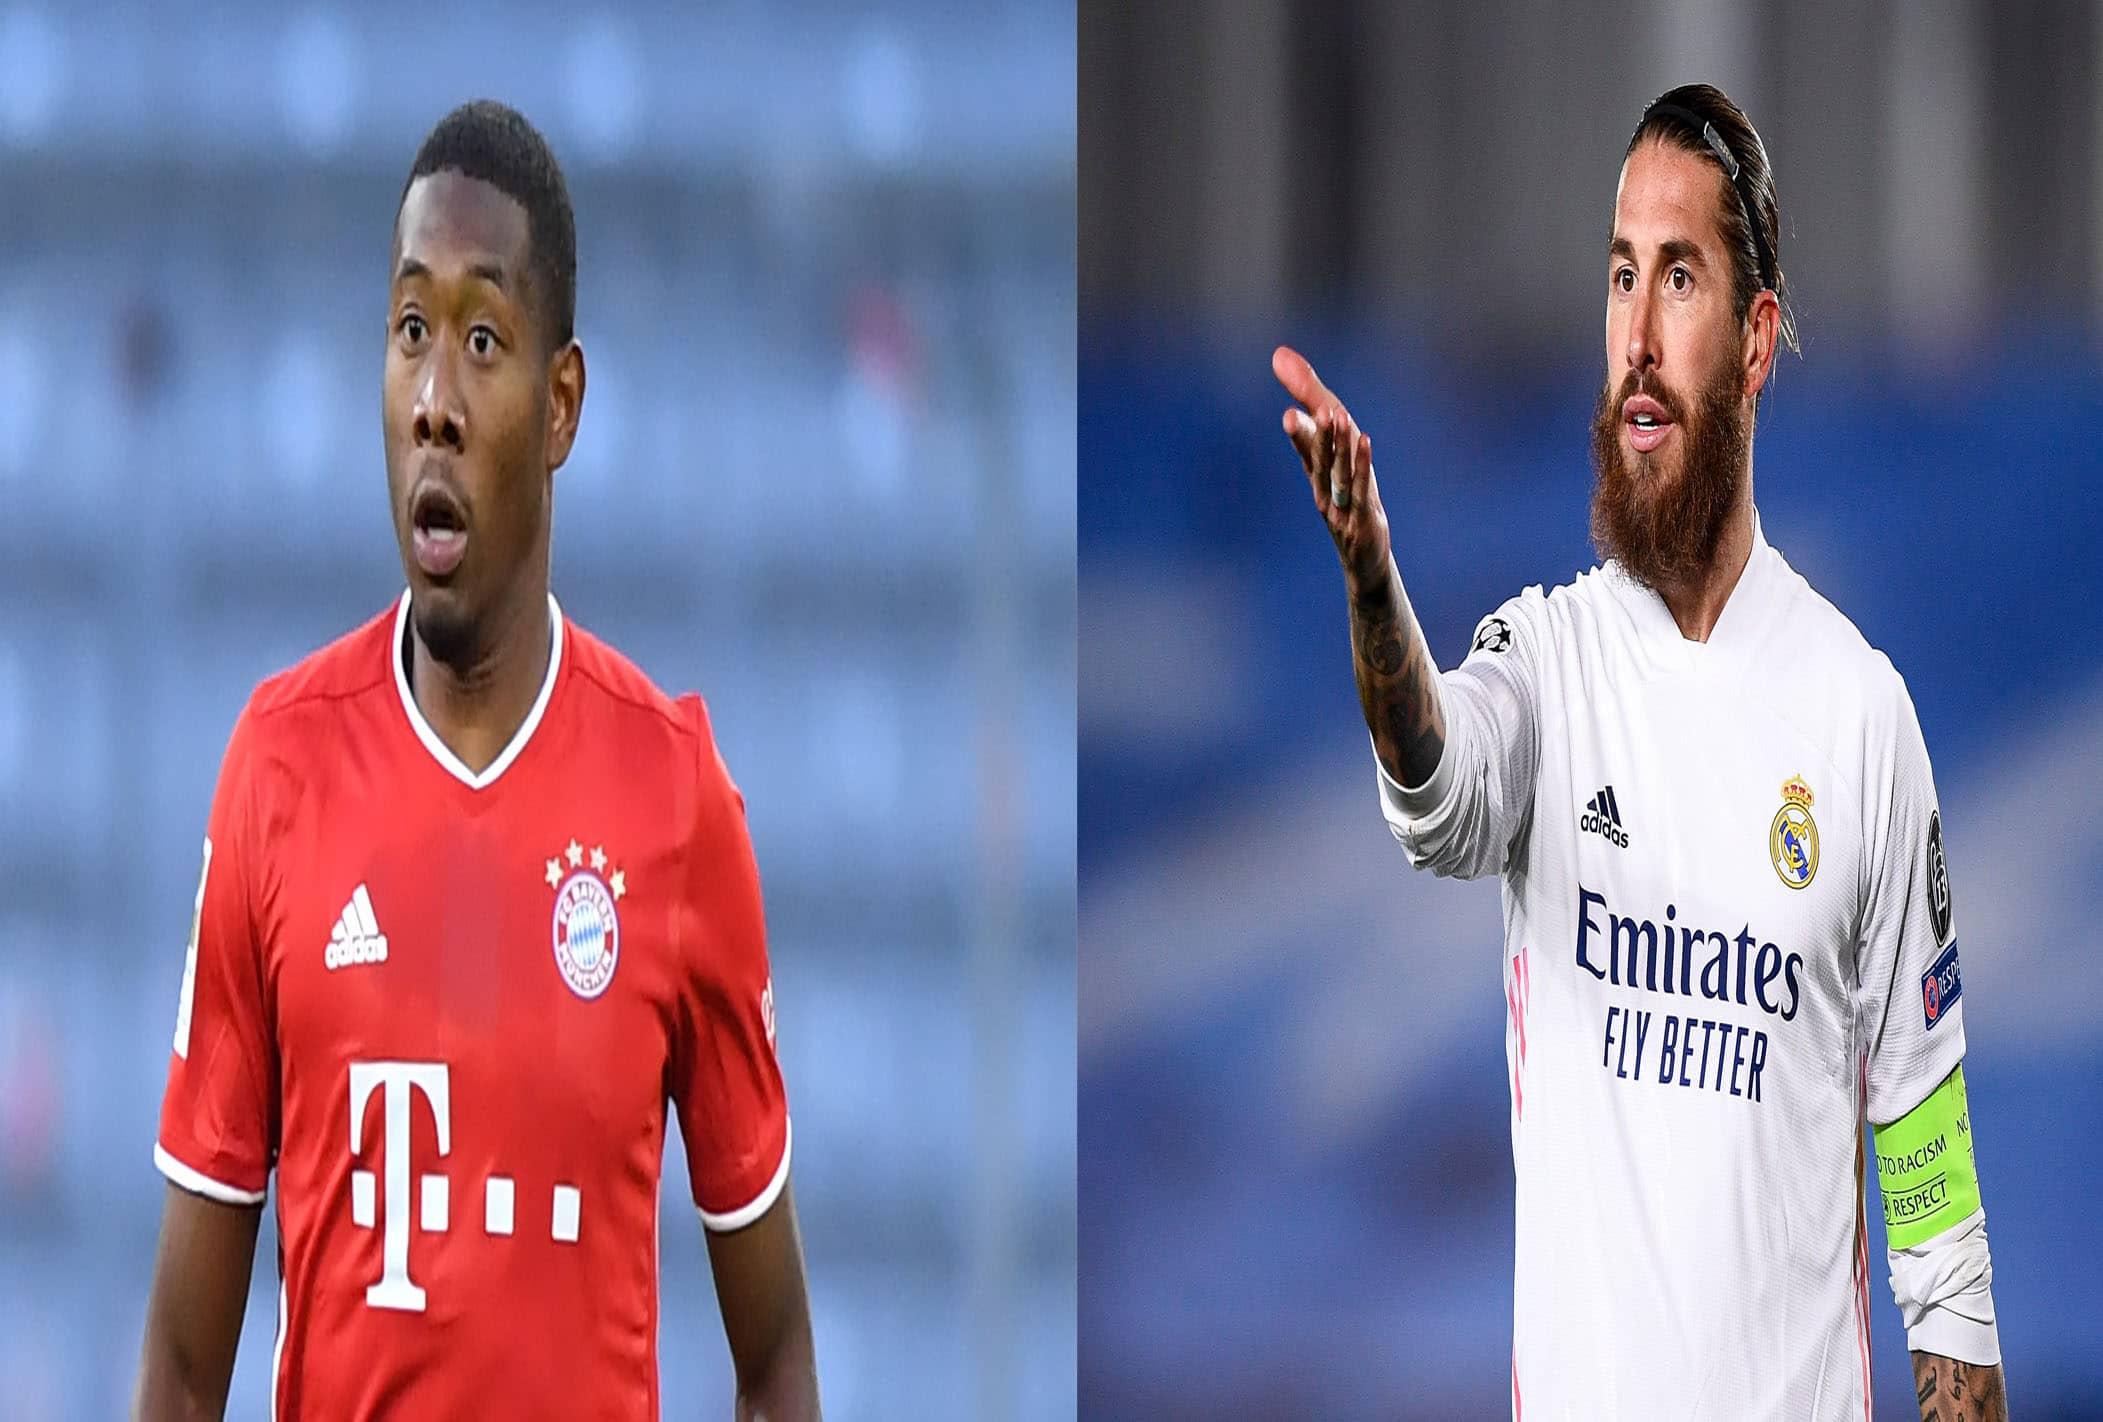 اللاعب النمساوي ألابا واللاعب الاسباني راموس